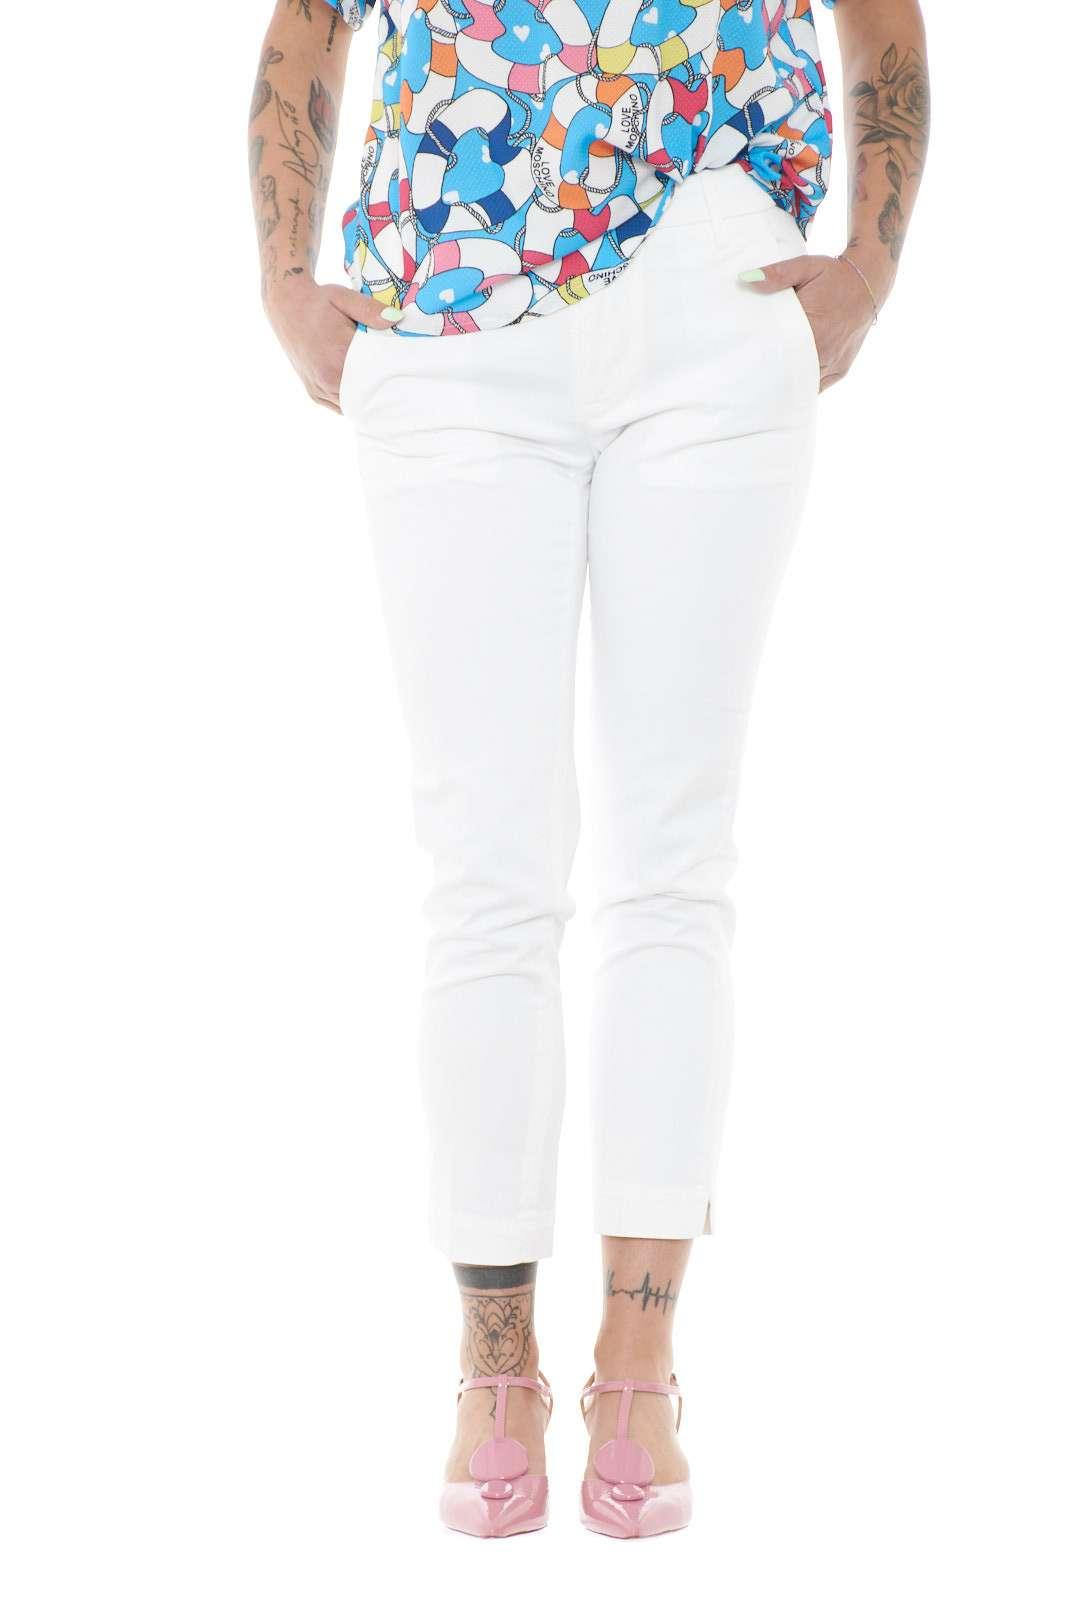 Elegante e versatile, il pantalone firmato Dondup ROCIO. Perfetto per outfit estivi semplici e curati, dove potrai abbinare capi colorati e vivaci, per un tocco trendy in ogni occasione.